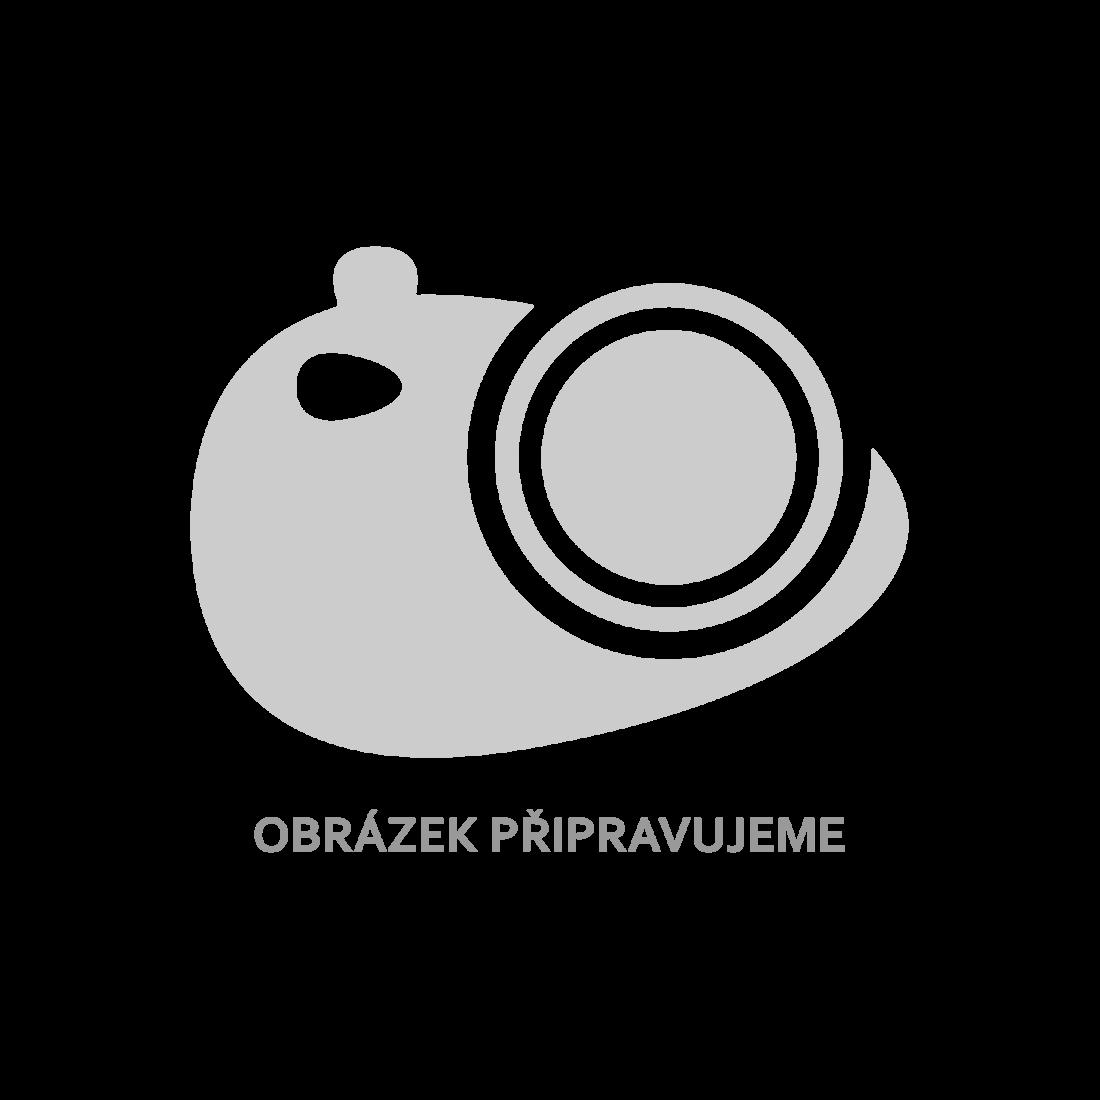 vidaXL Zahradní stůl antracitový 110 x 60 x 67 cm polyratan [46445]